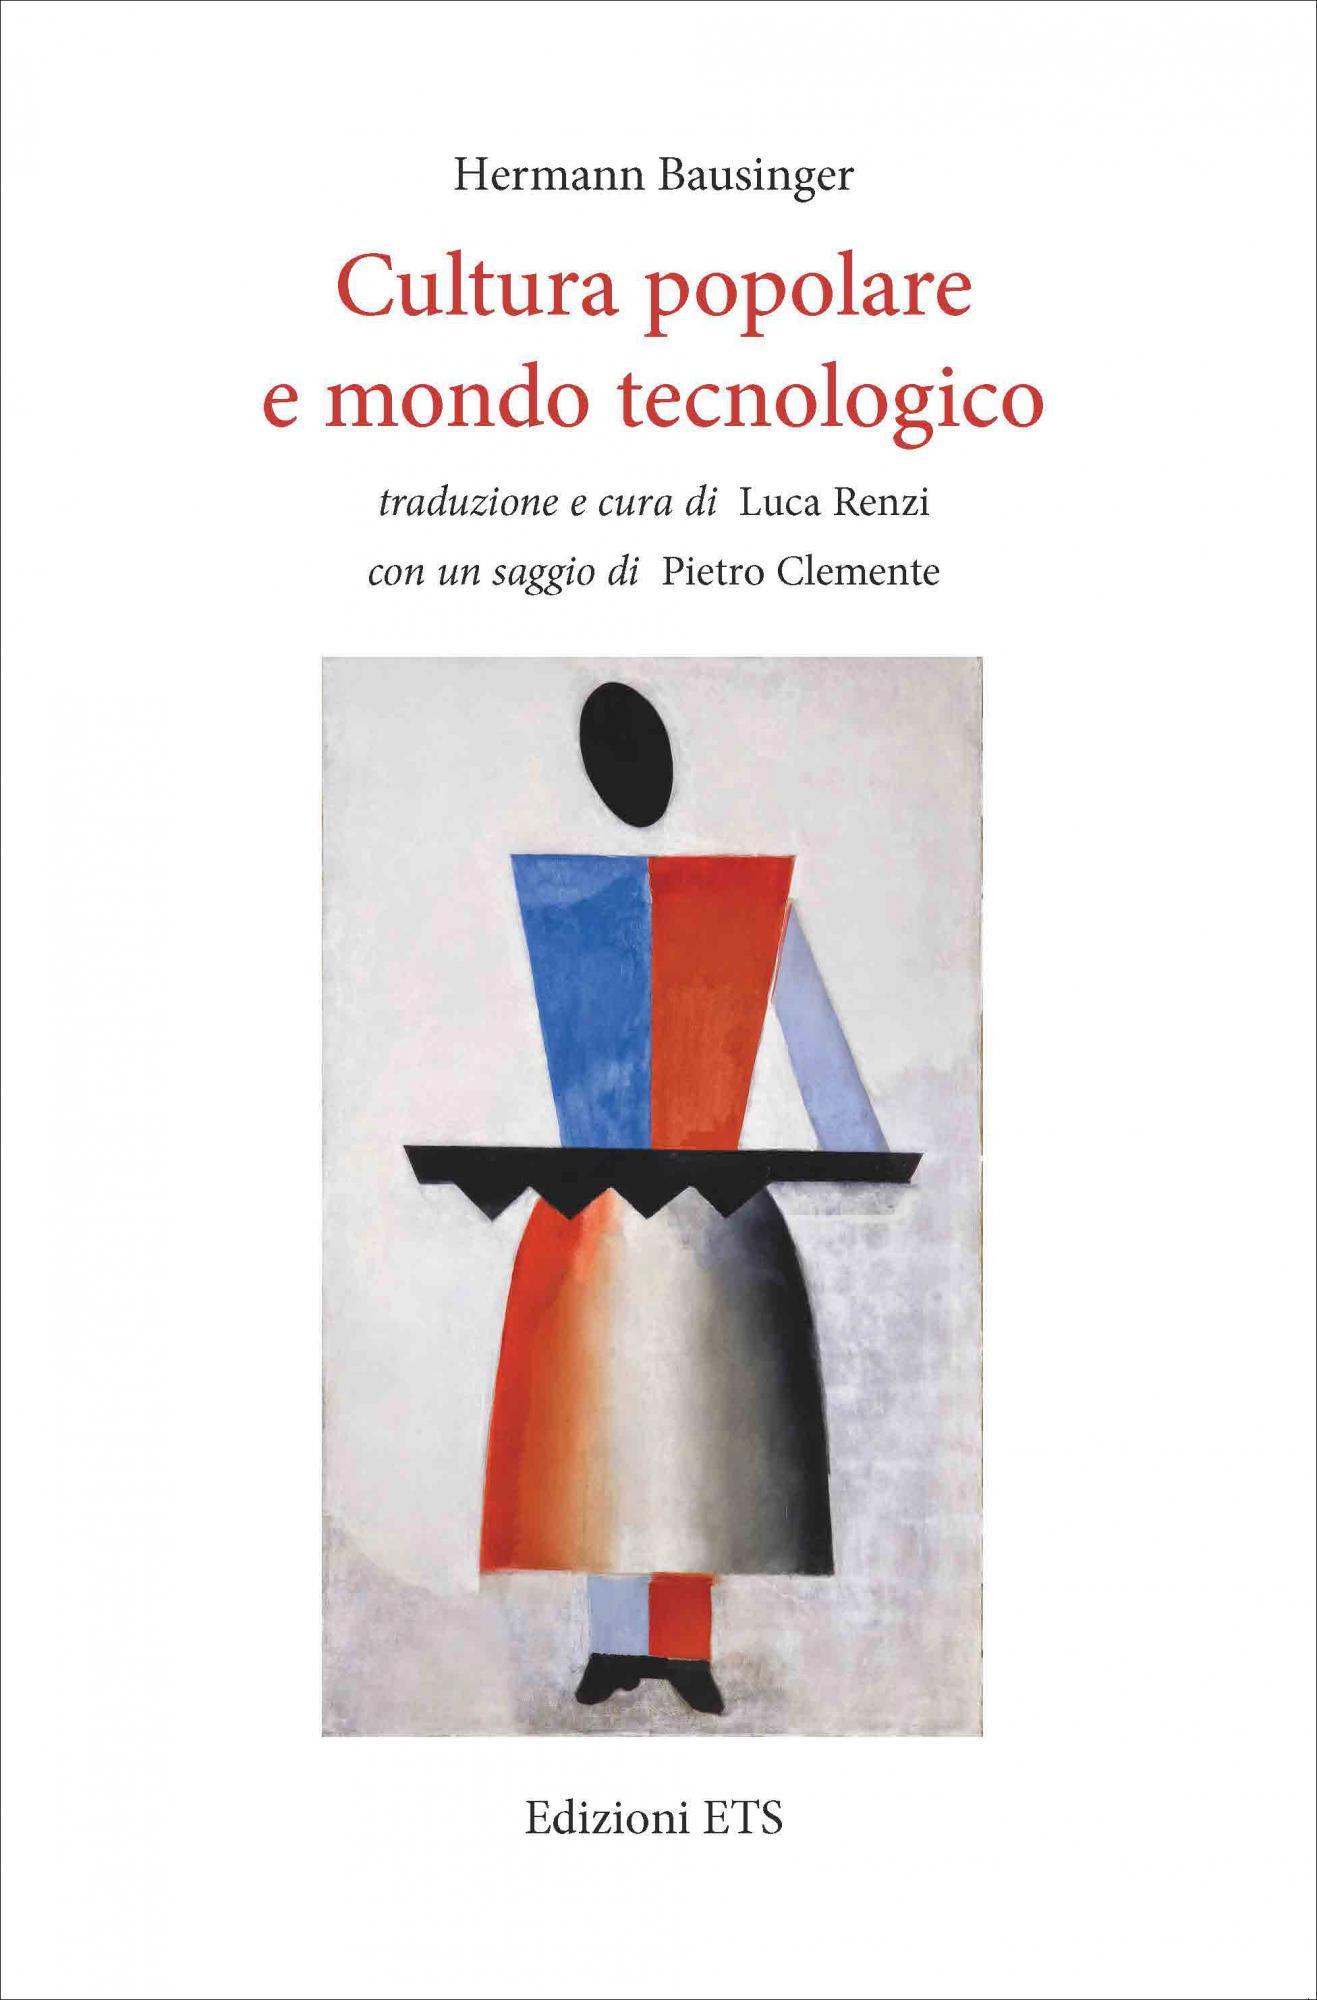 Cultura popolare e mondo tecnologico